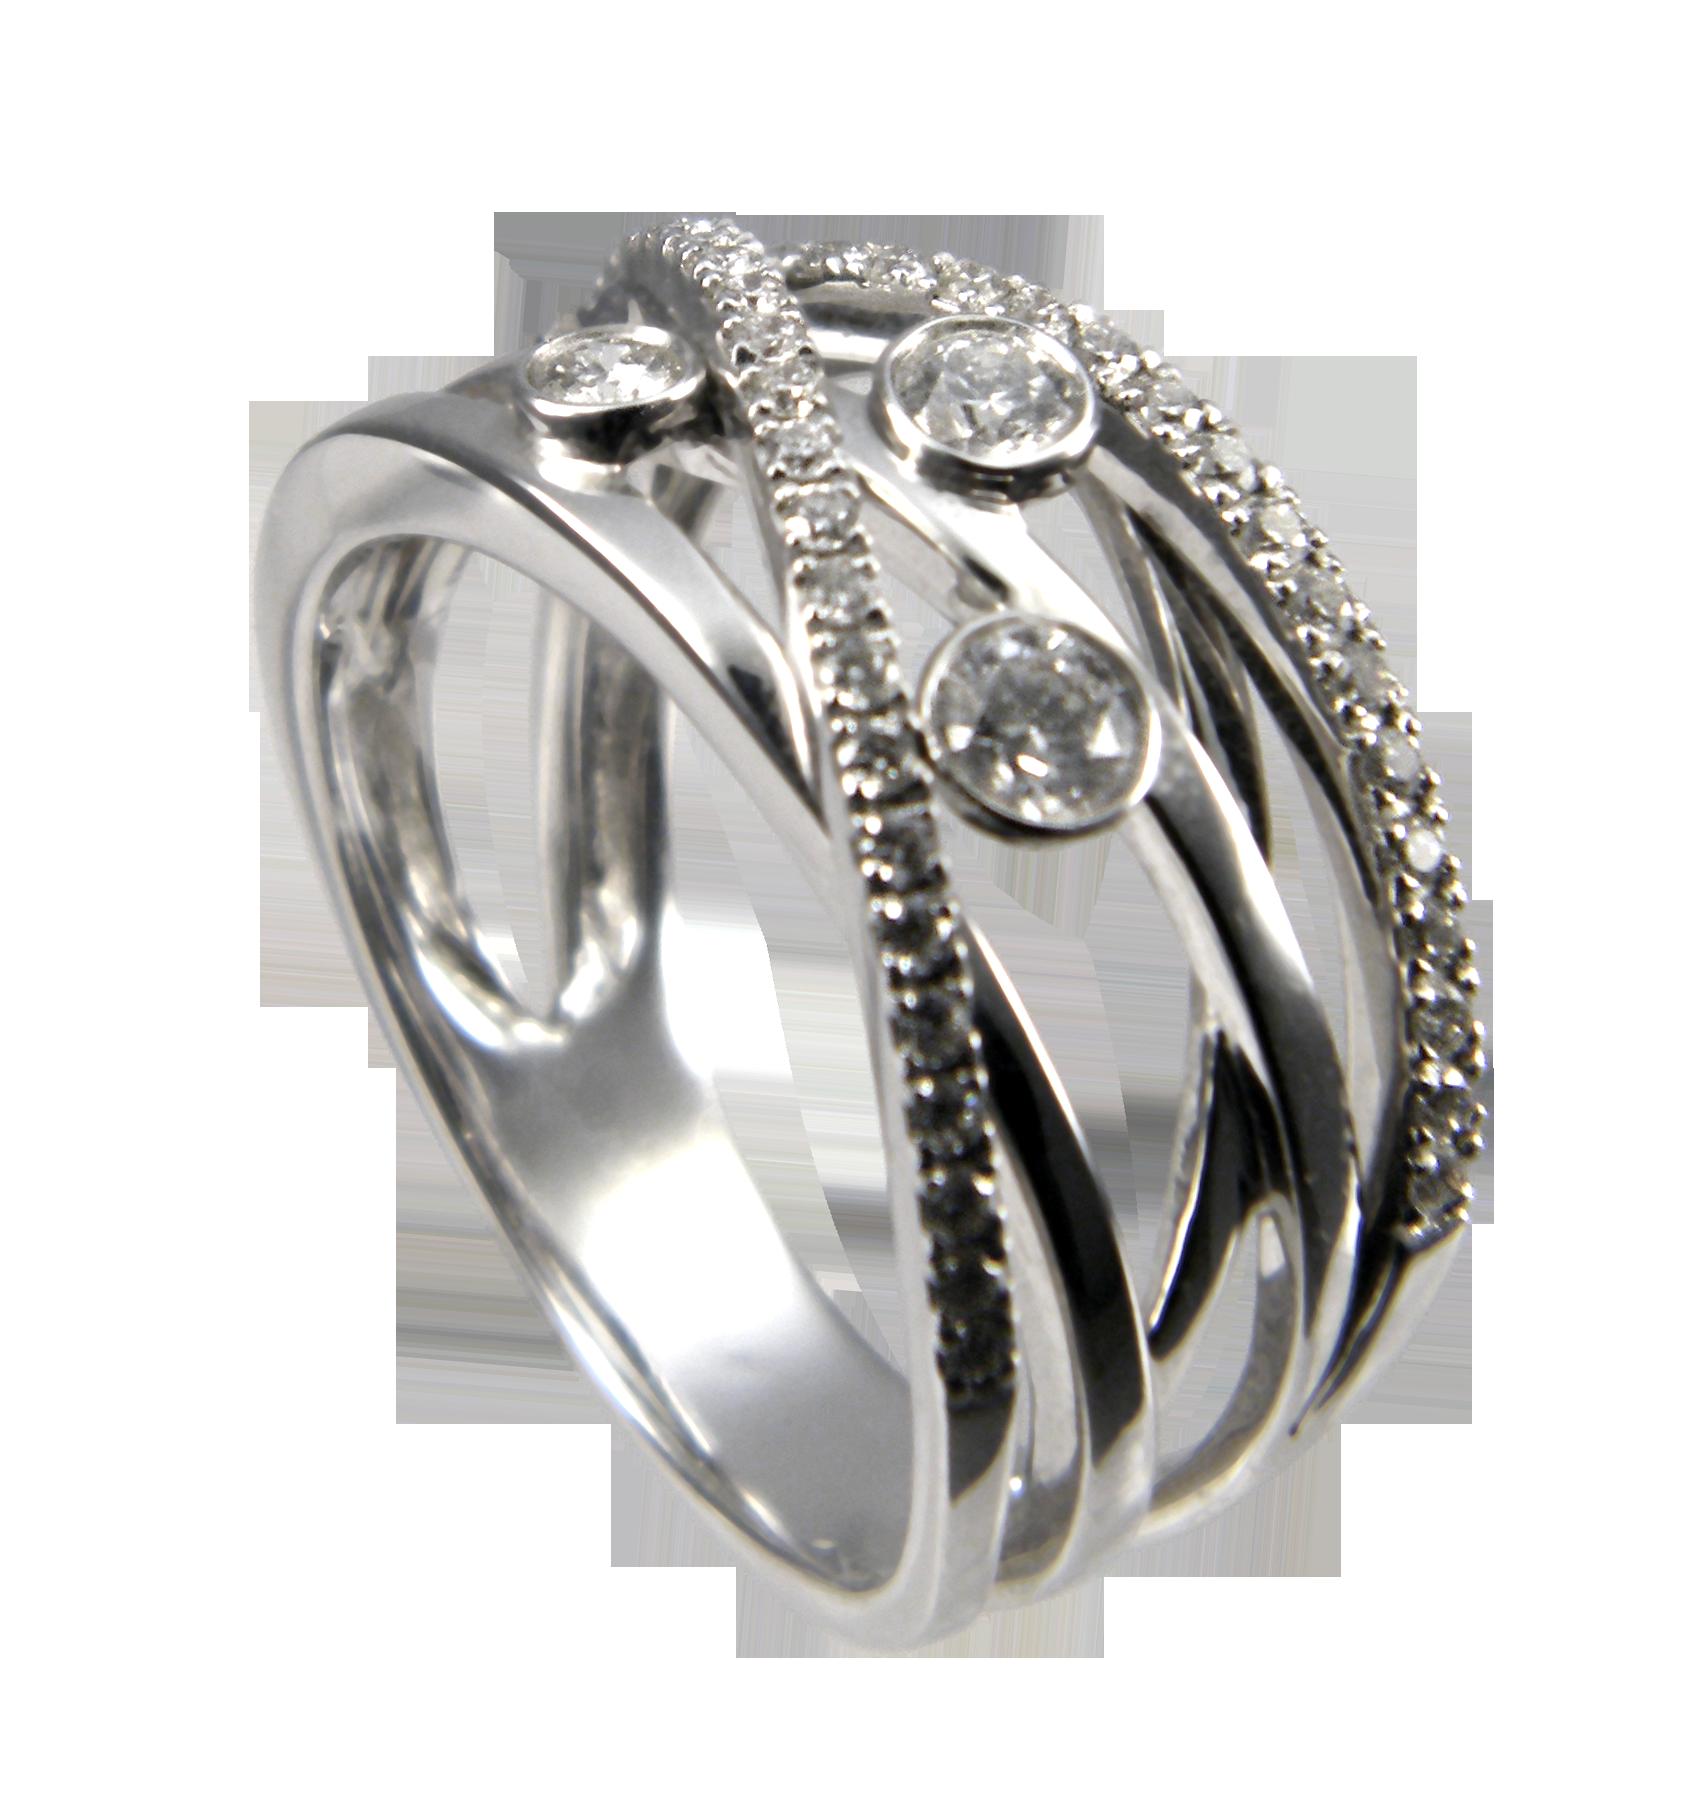 ff758f78a18 WEGELIN Bague 3 diamants croisée -